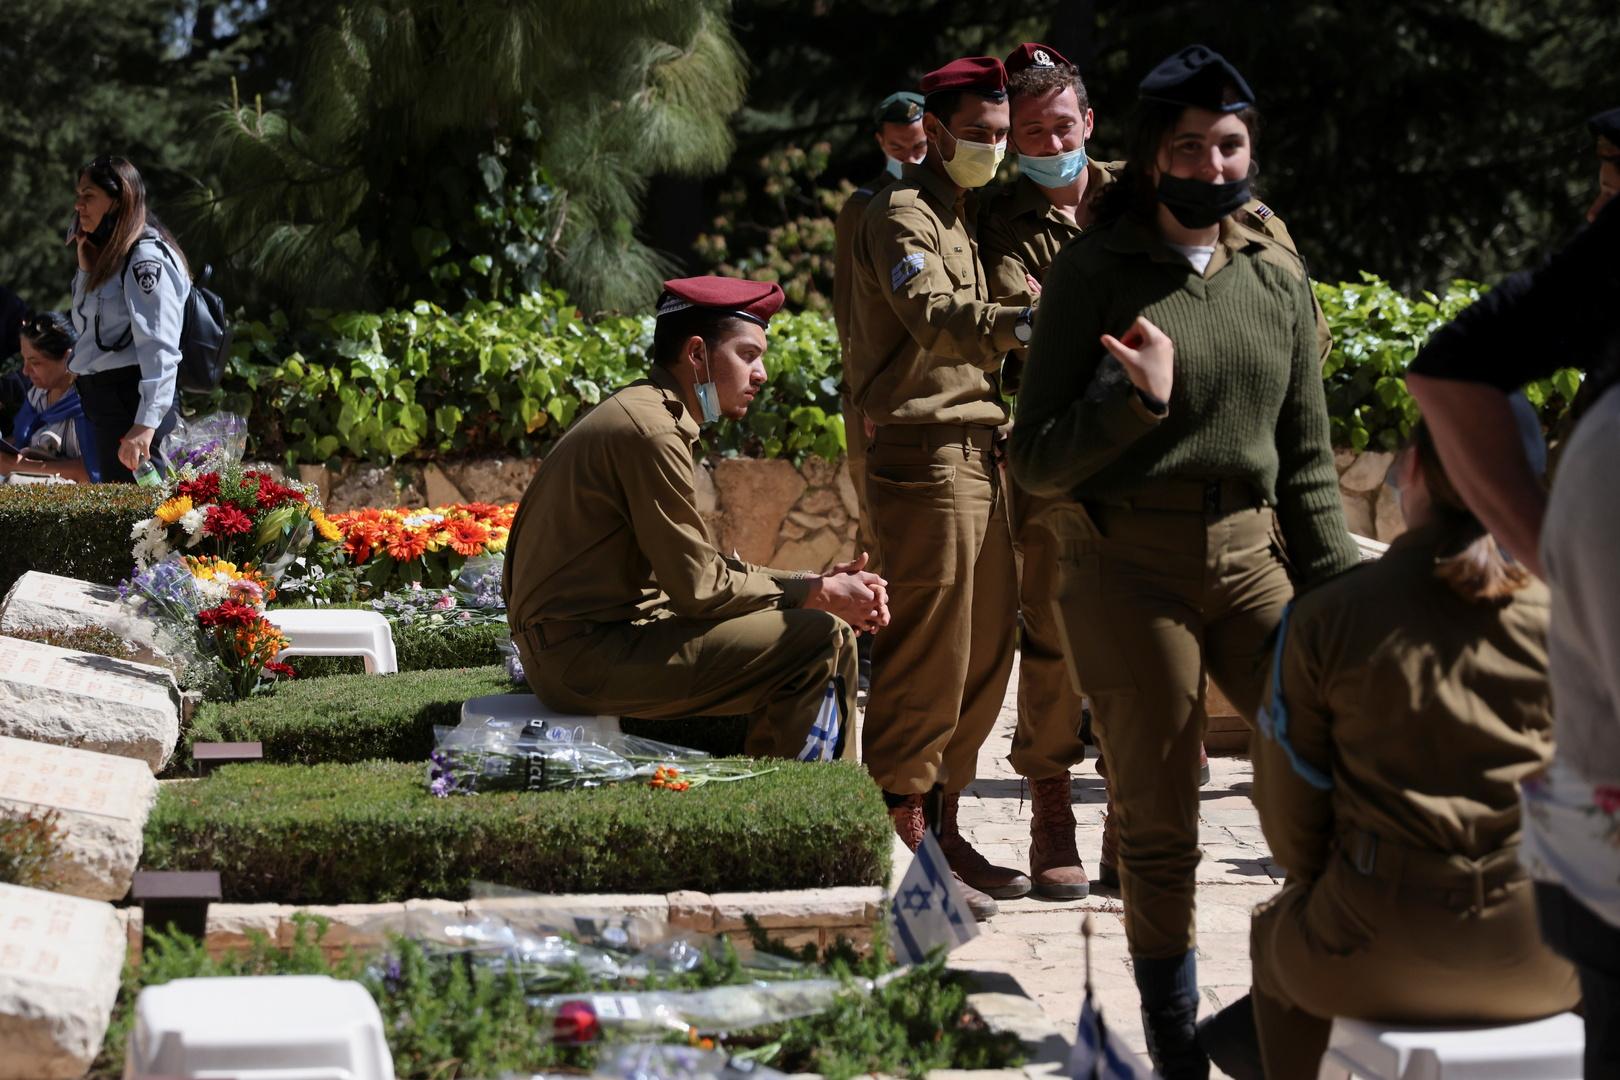 يهود متشددون يحرقون أعلاما وزهورا كانت موضوعة على قبور قتلى الجيش الإسرائيلي